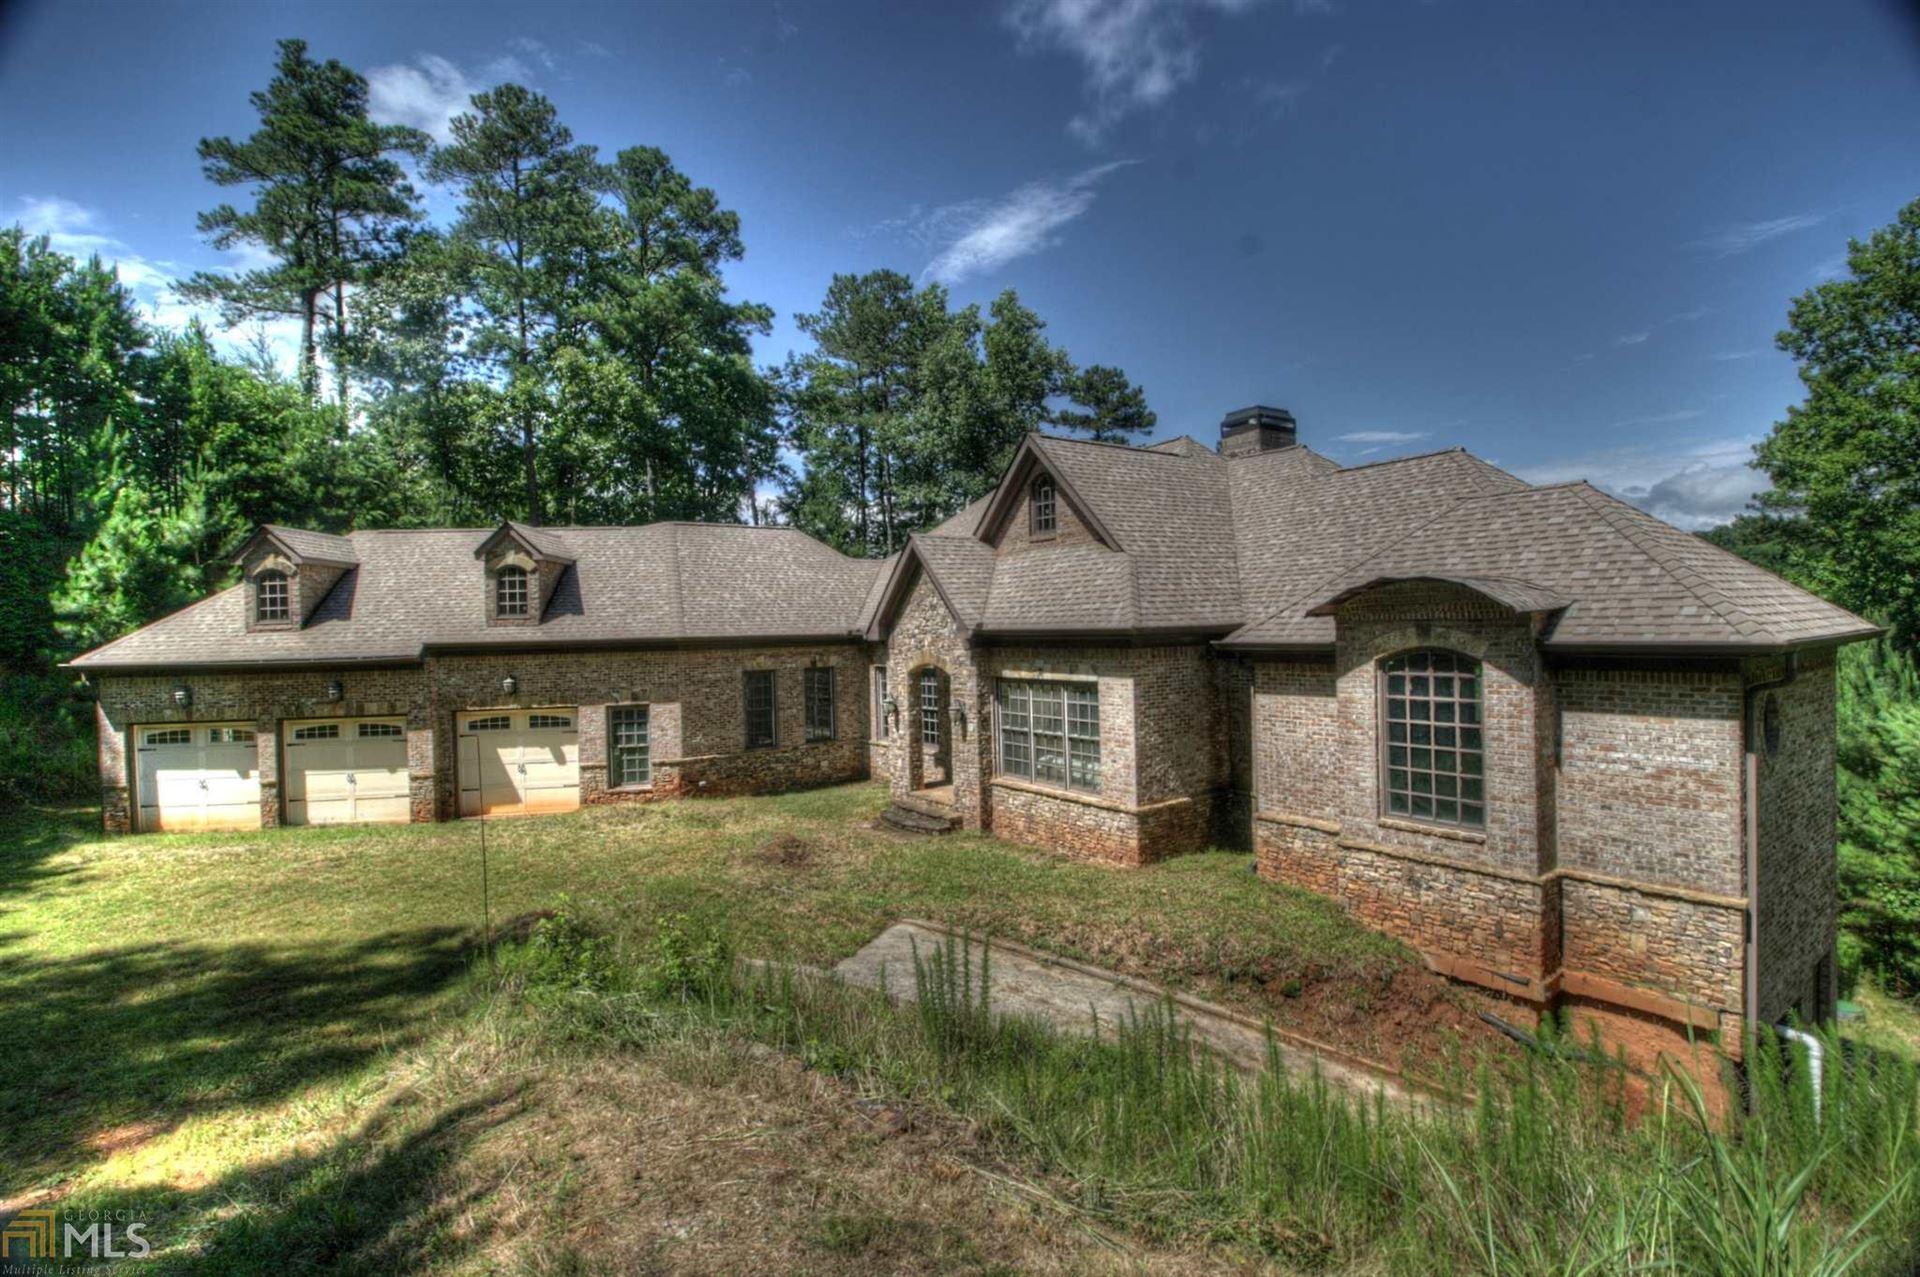 5472 Pine Forest Rd, Gainesville, GA 30504 - MLS#: 8802306